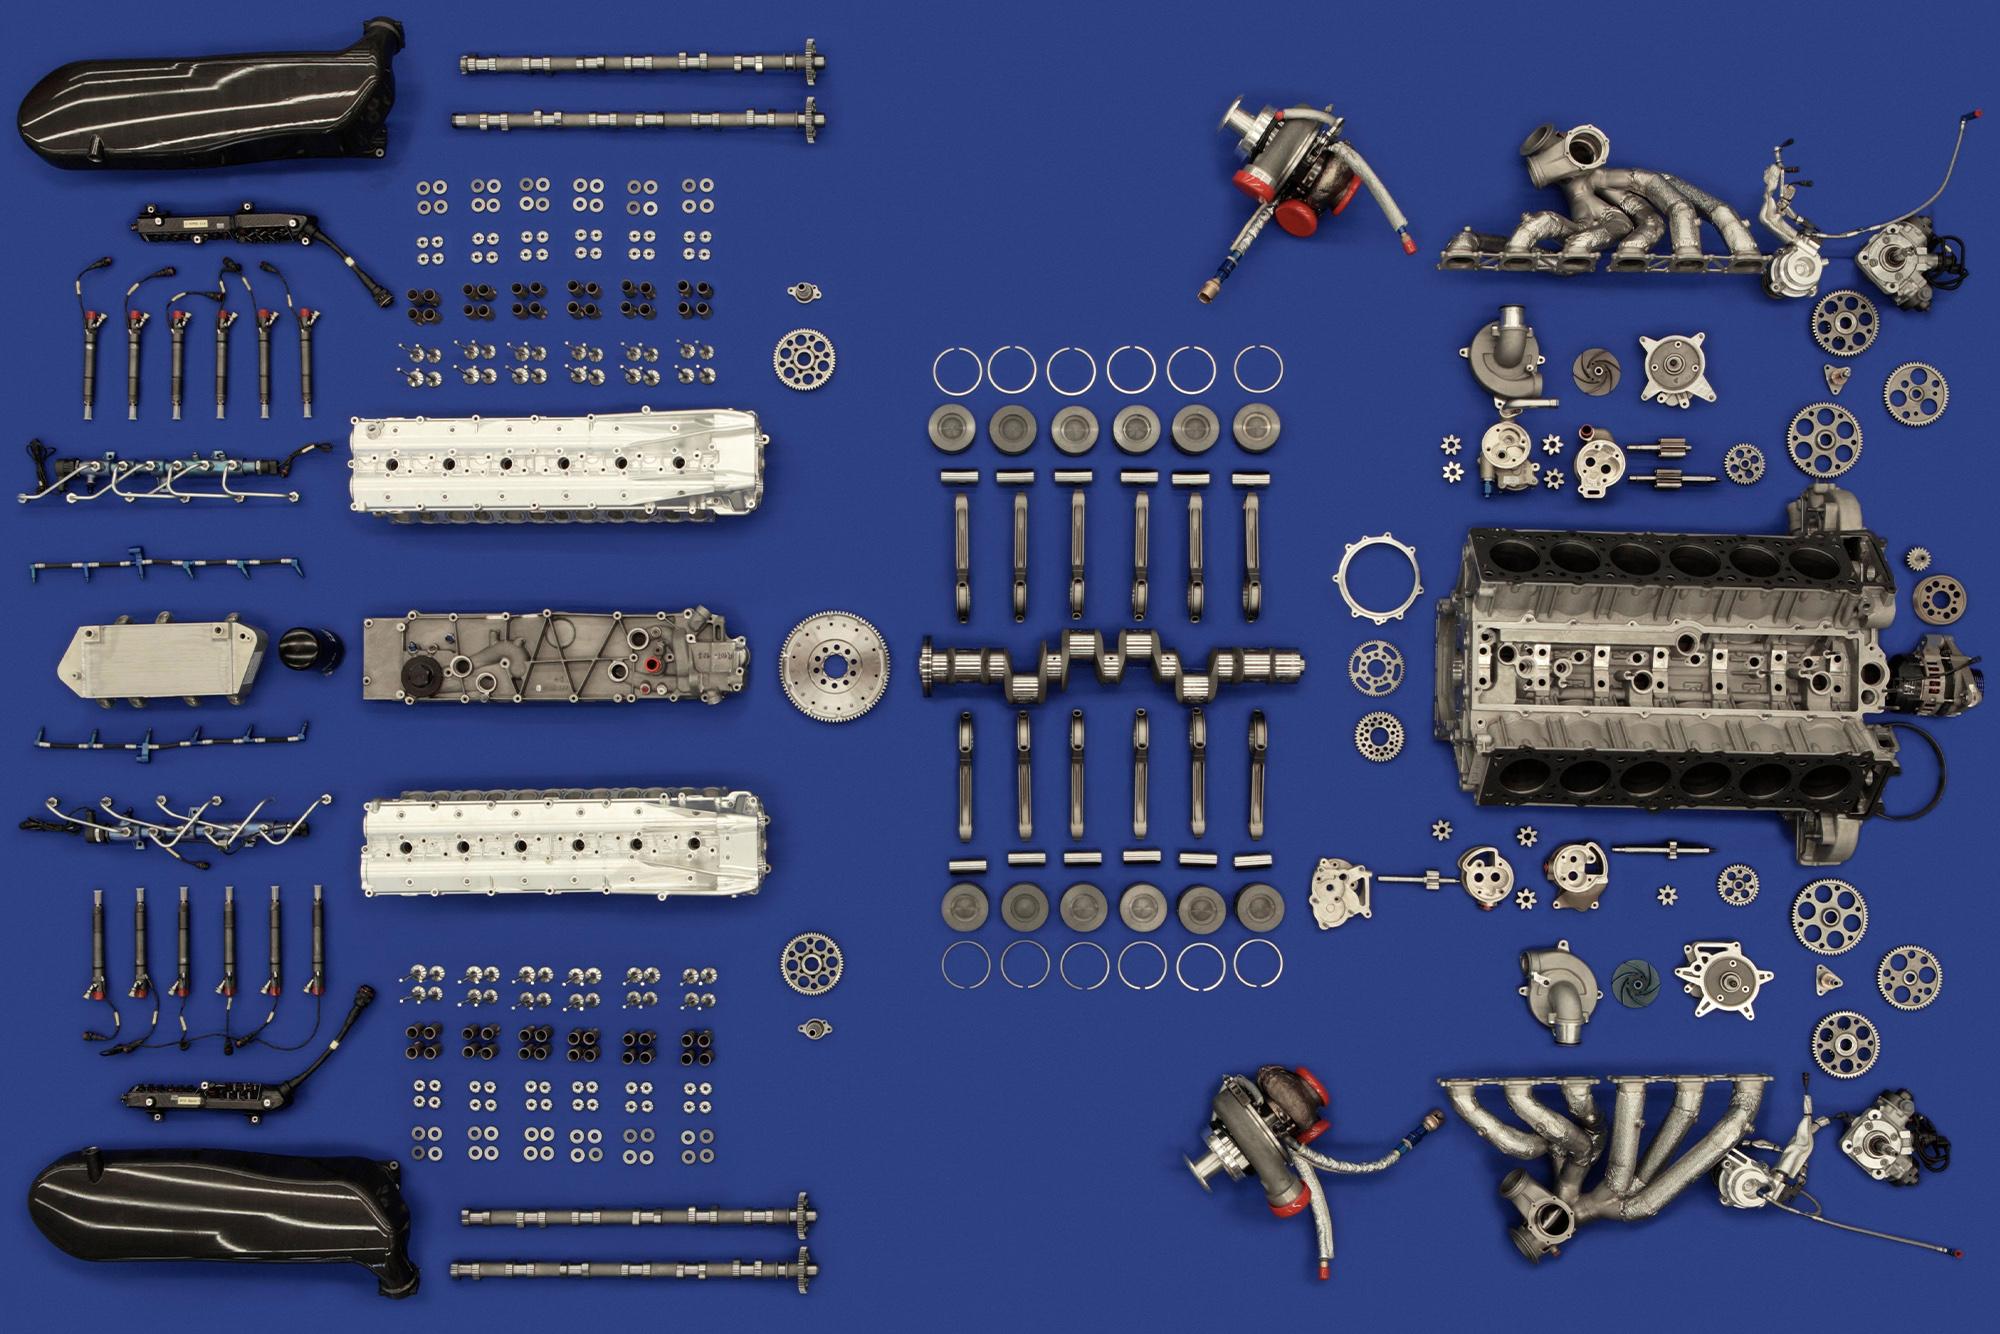 Audi R10 V12 diesel engine parts